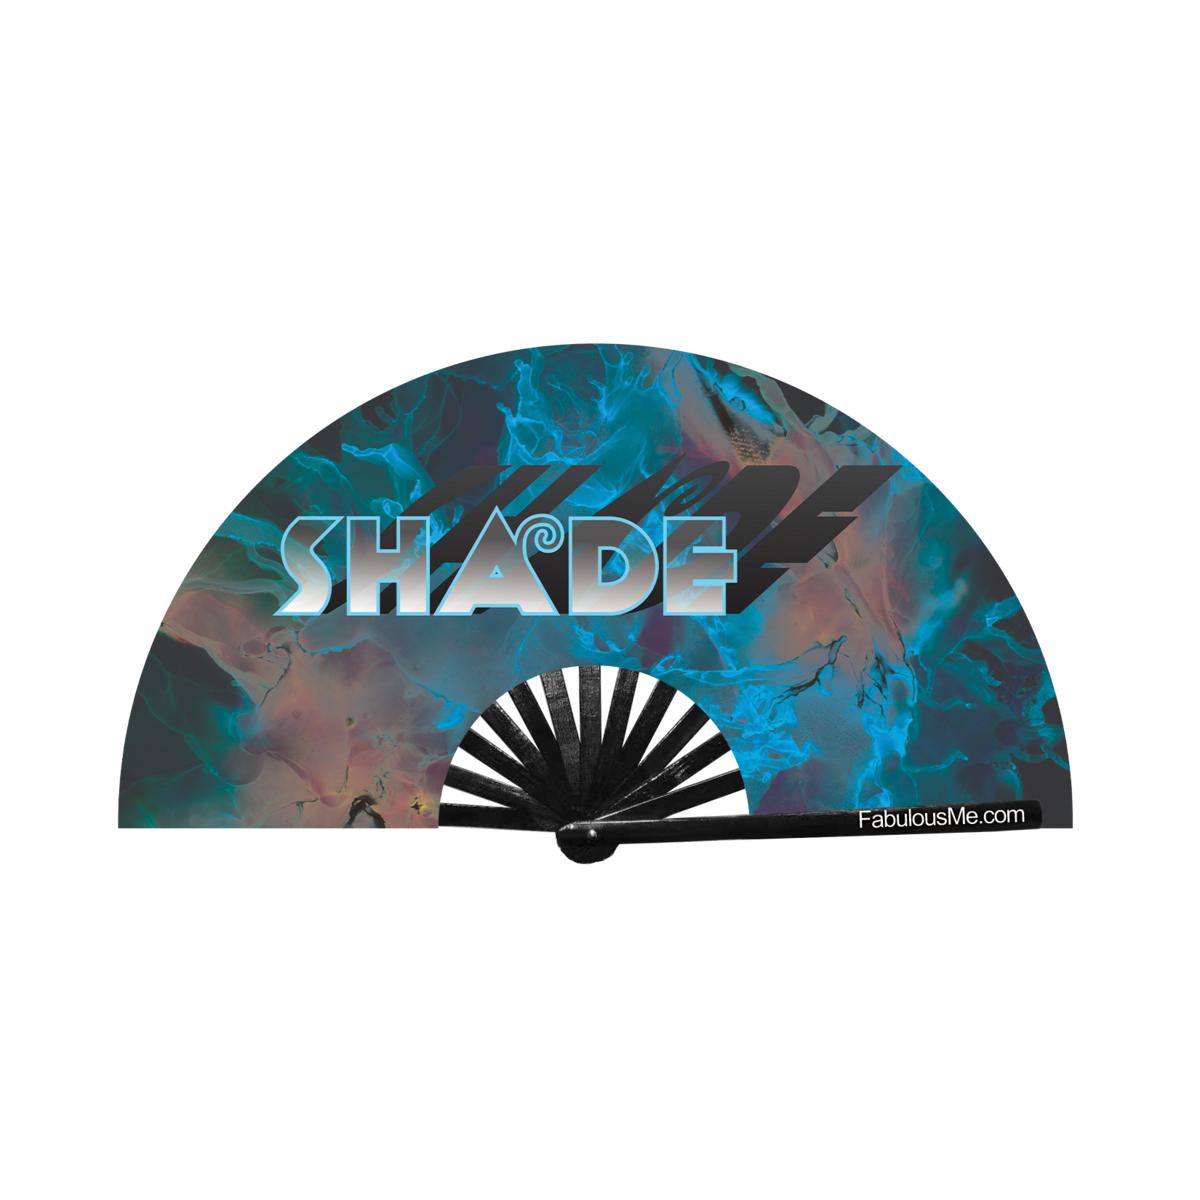 JJMalibu Shade Fan (UV Glow)